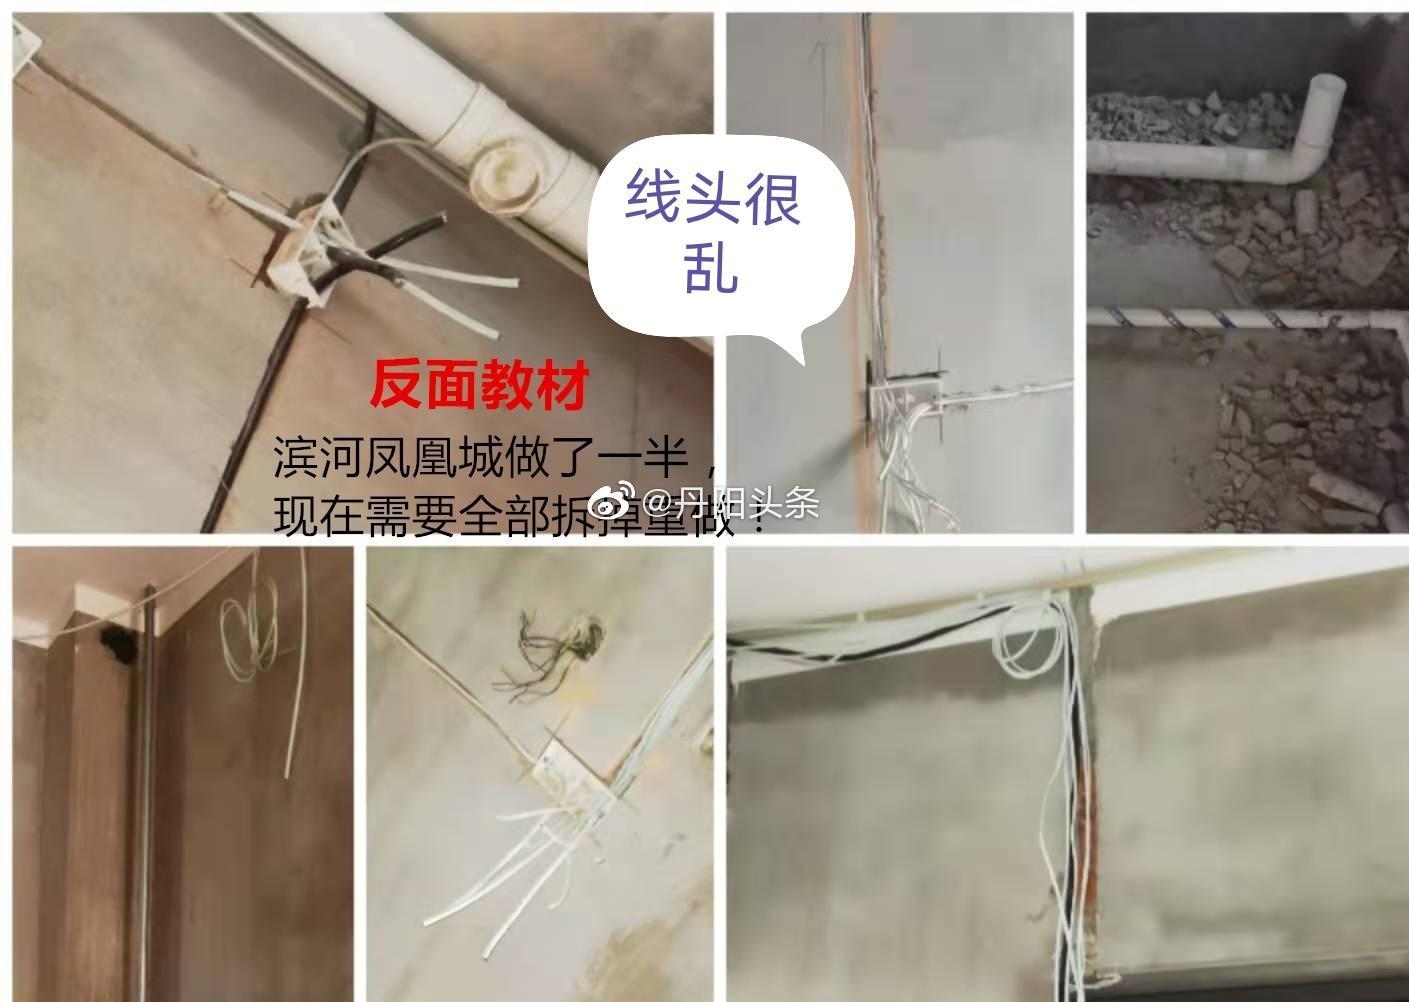 有网友反映,滨河凤凰城做的水电工做了一半,业主一看…………